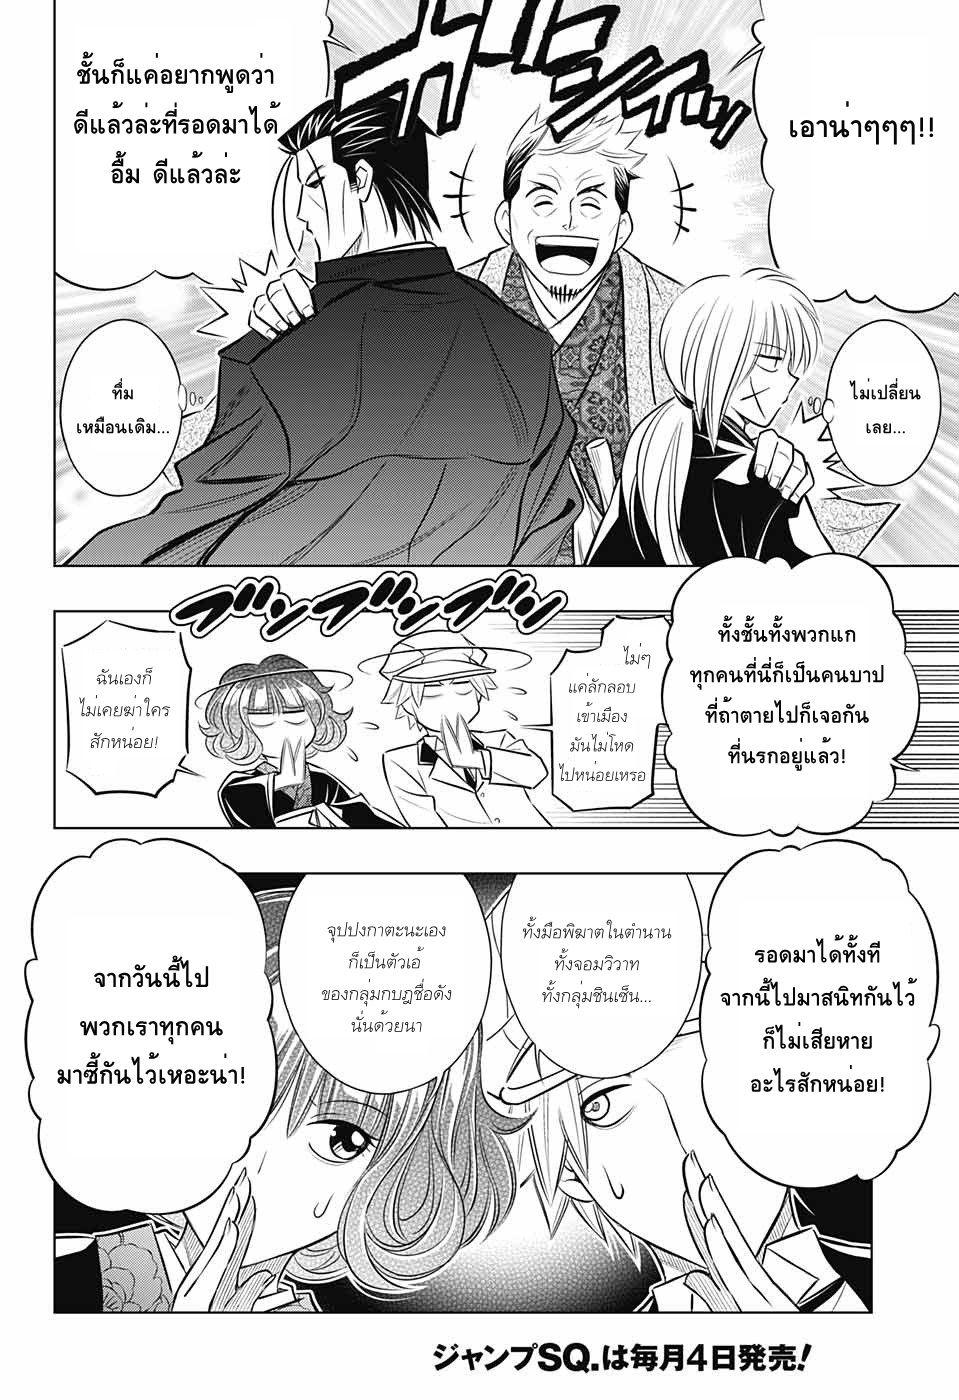 อ่านการ์ตูน Rurouni Kenshin: Hokkaido Arc ตอนที่ 14 หน้าที่ 22